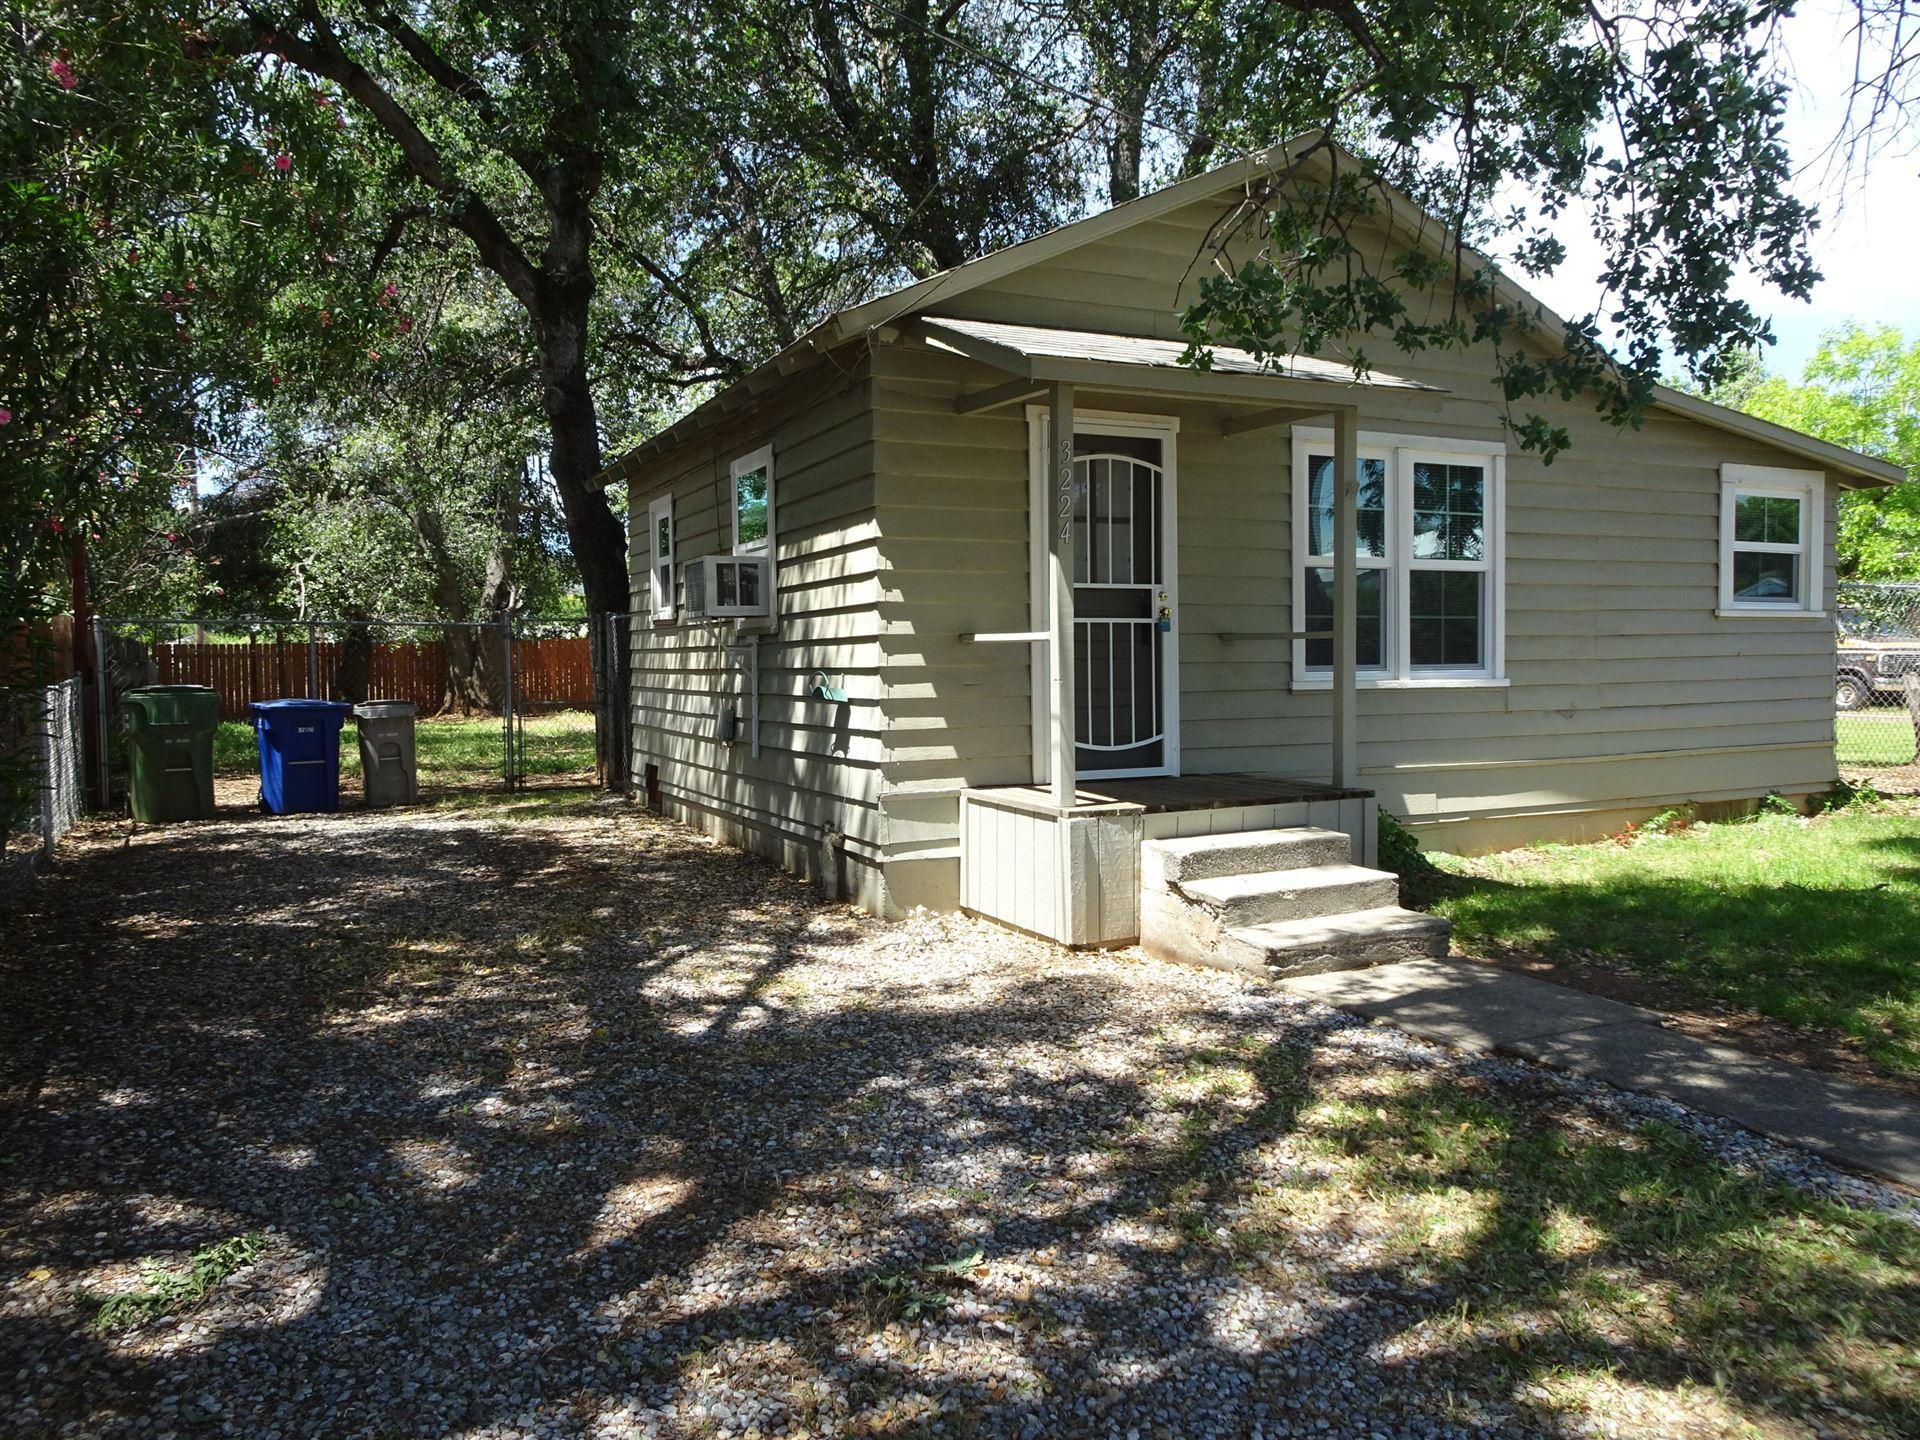 3224 Veda St, Redding, CA 96001 - MLS#: 20-2532